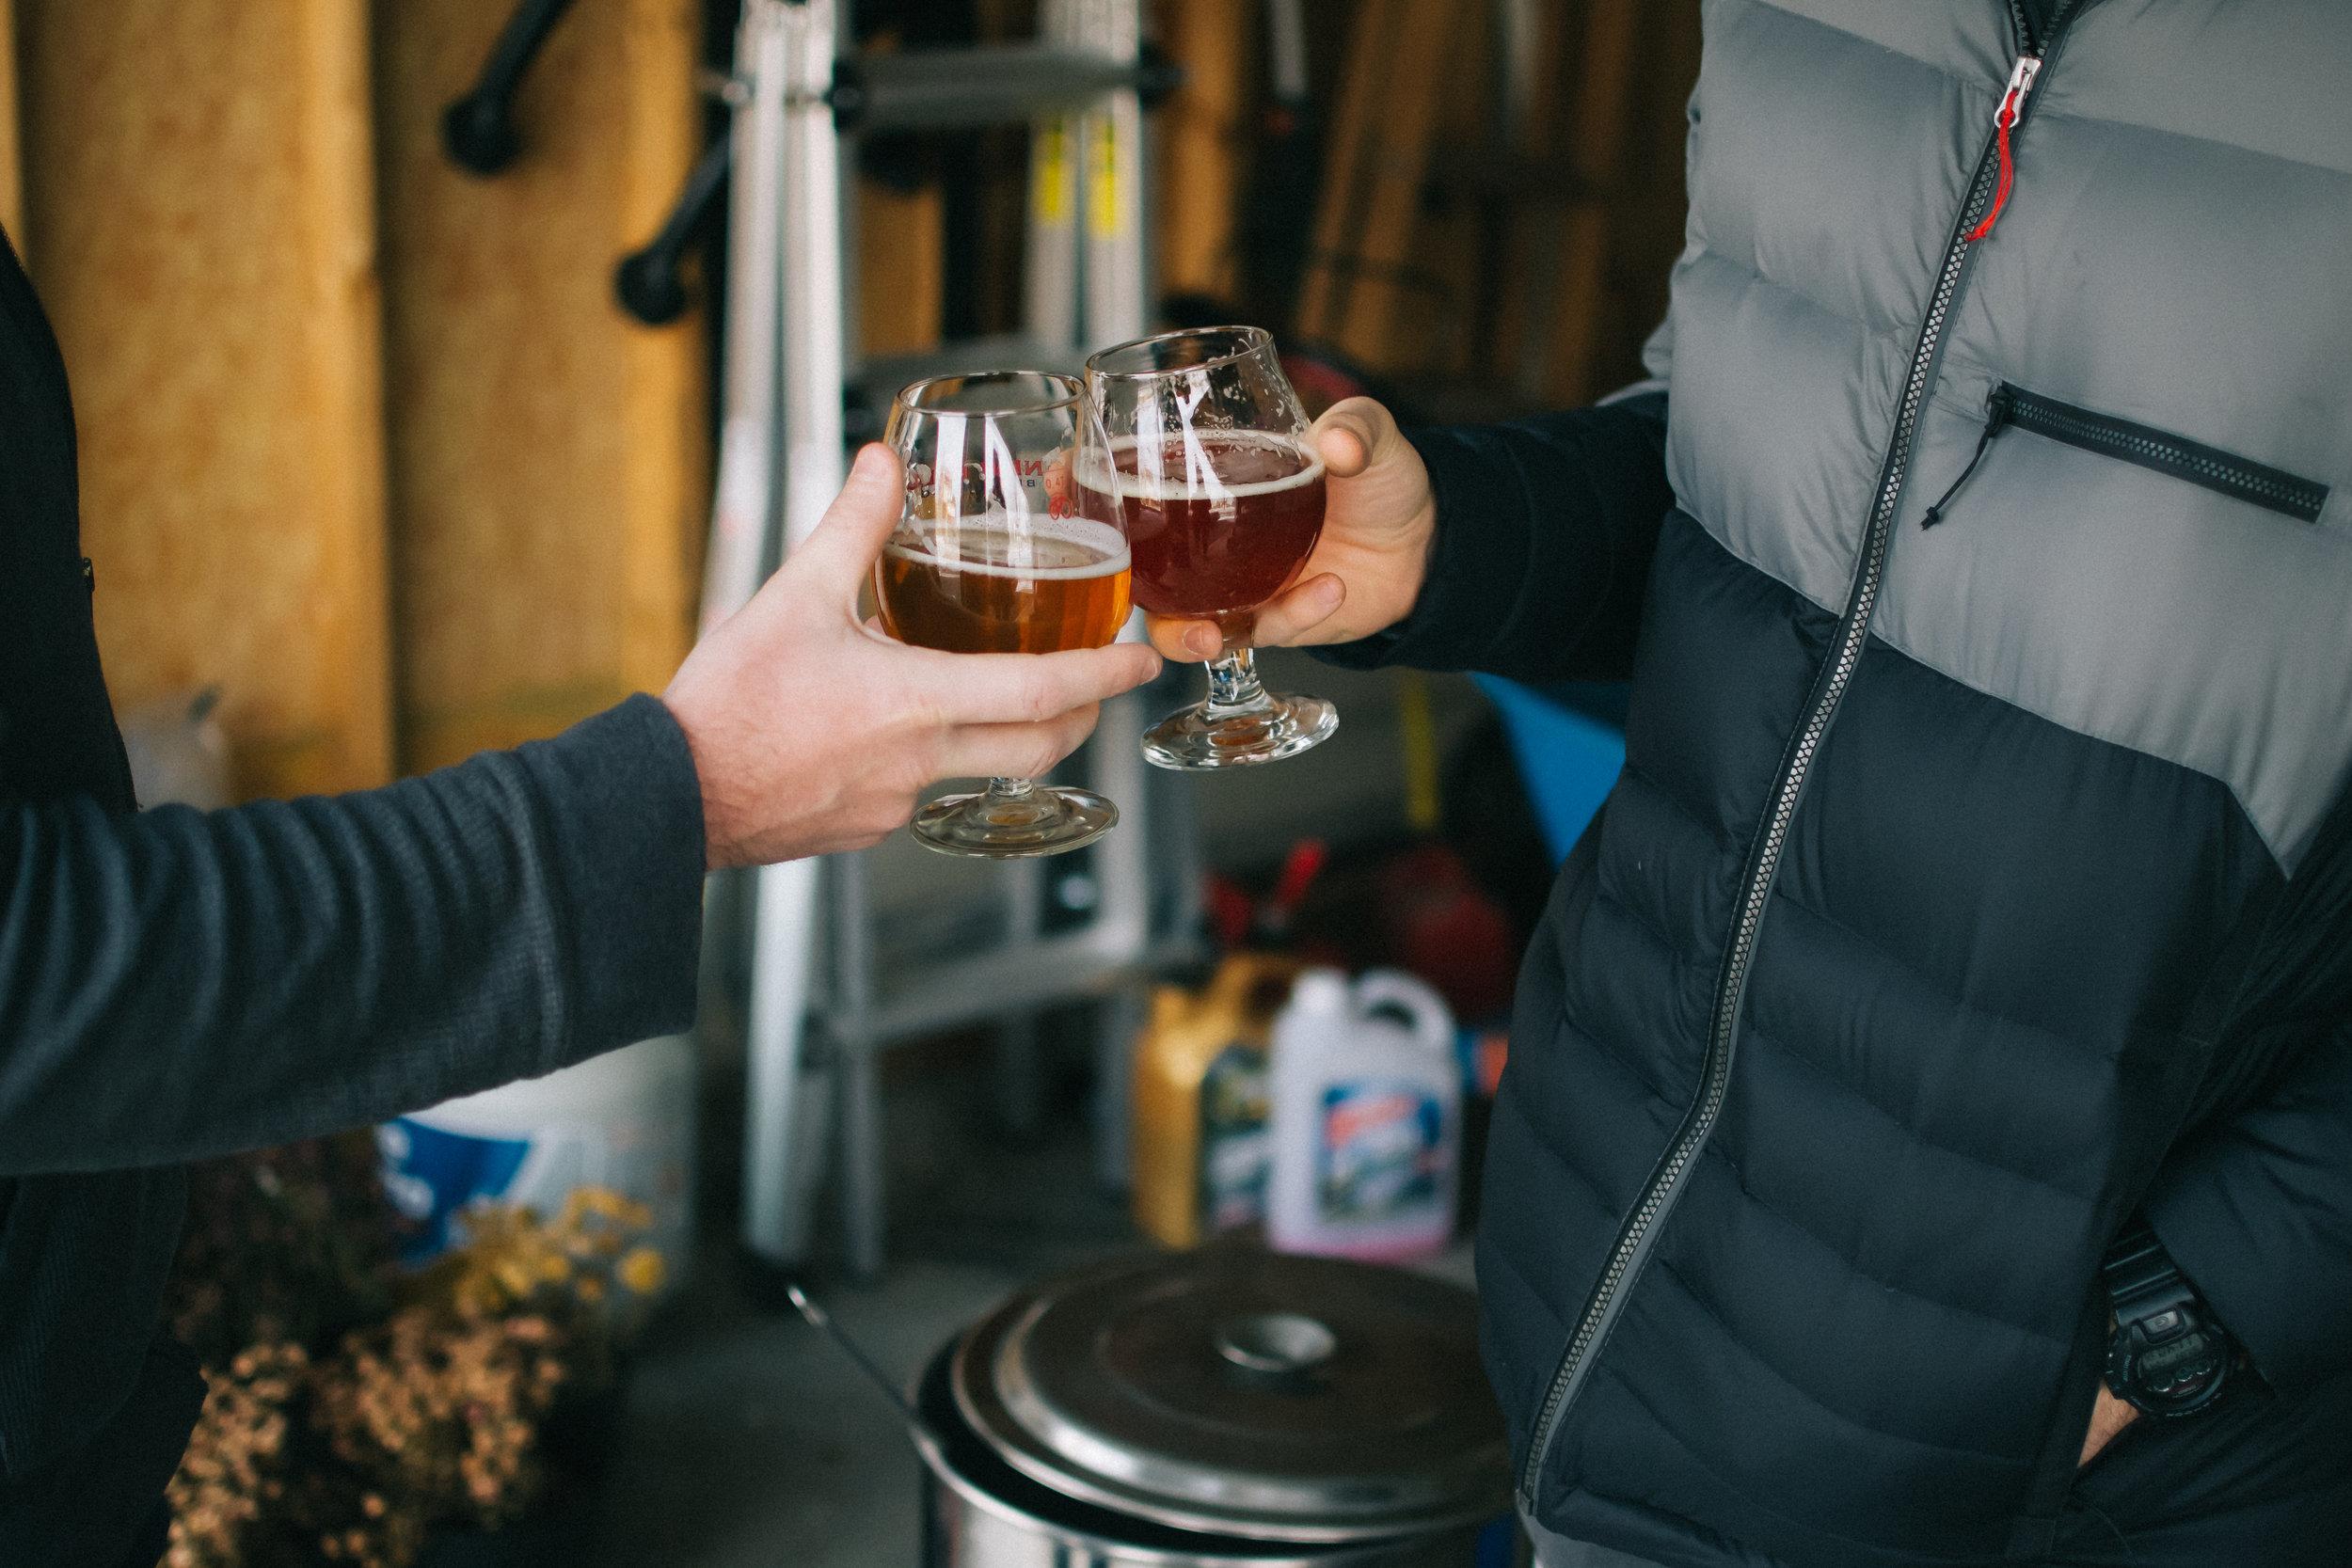 Homebrewing-Matt-Sampson-Photography-Illinois-Cheers.jpg